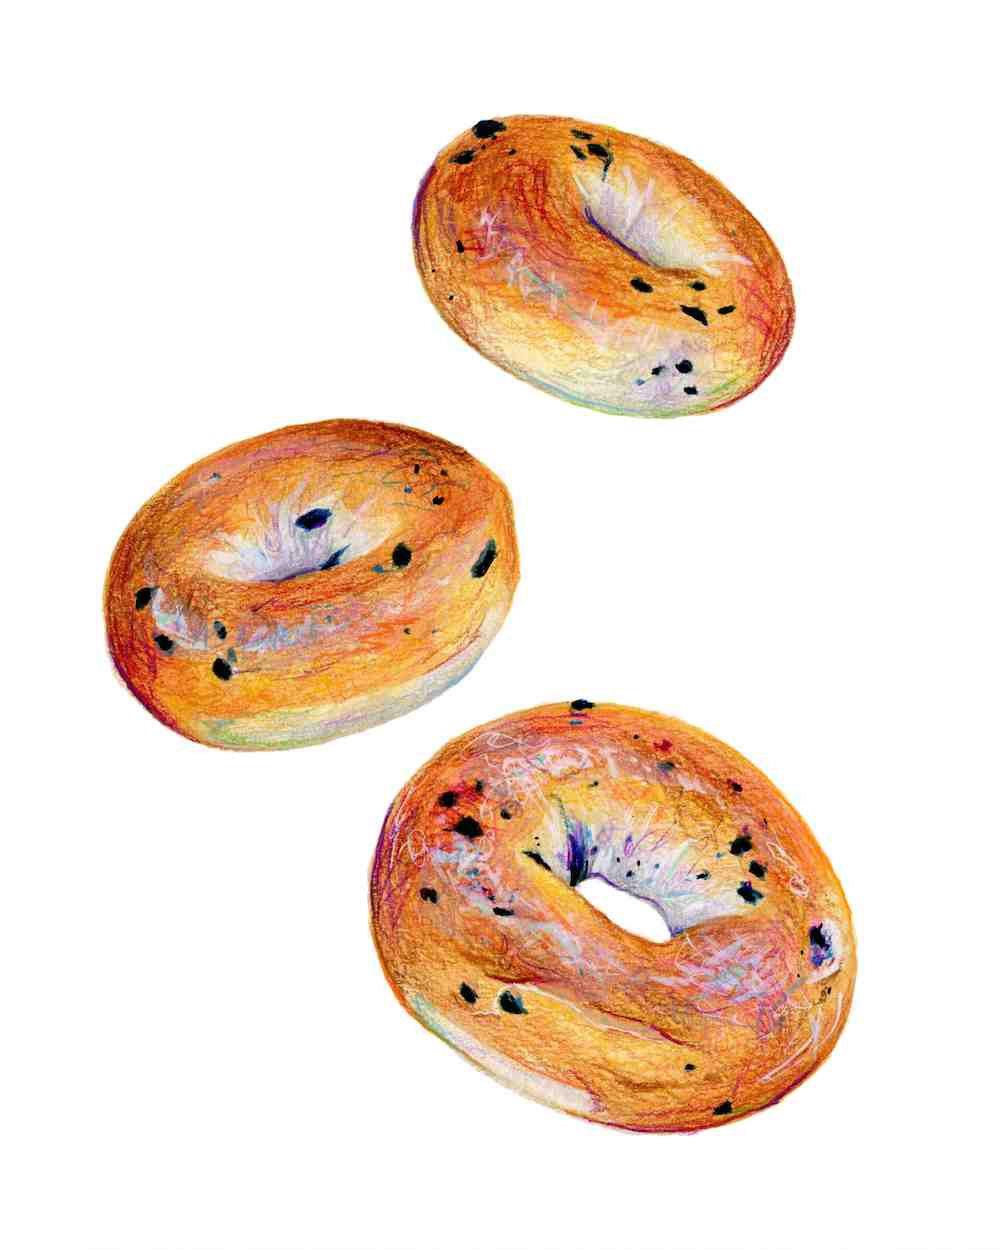 Blueberry Bagels Illustration